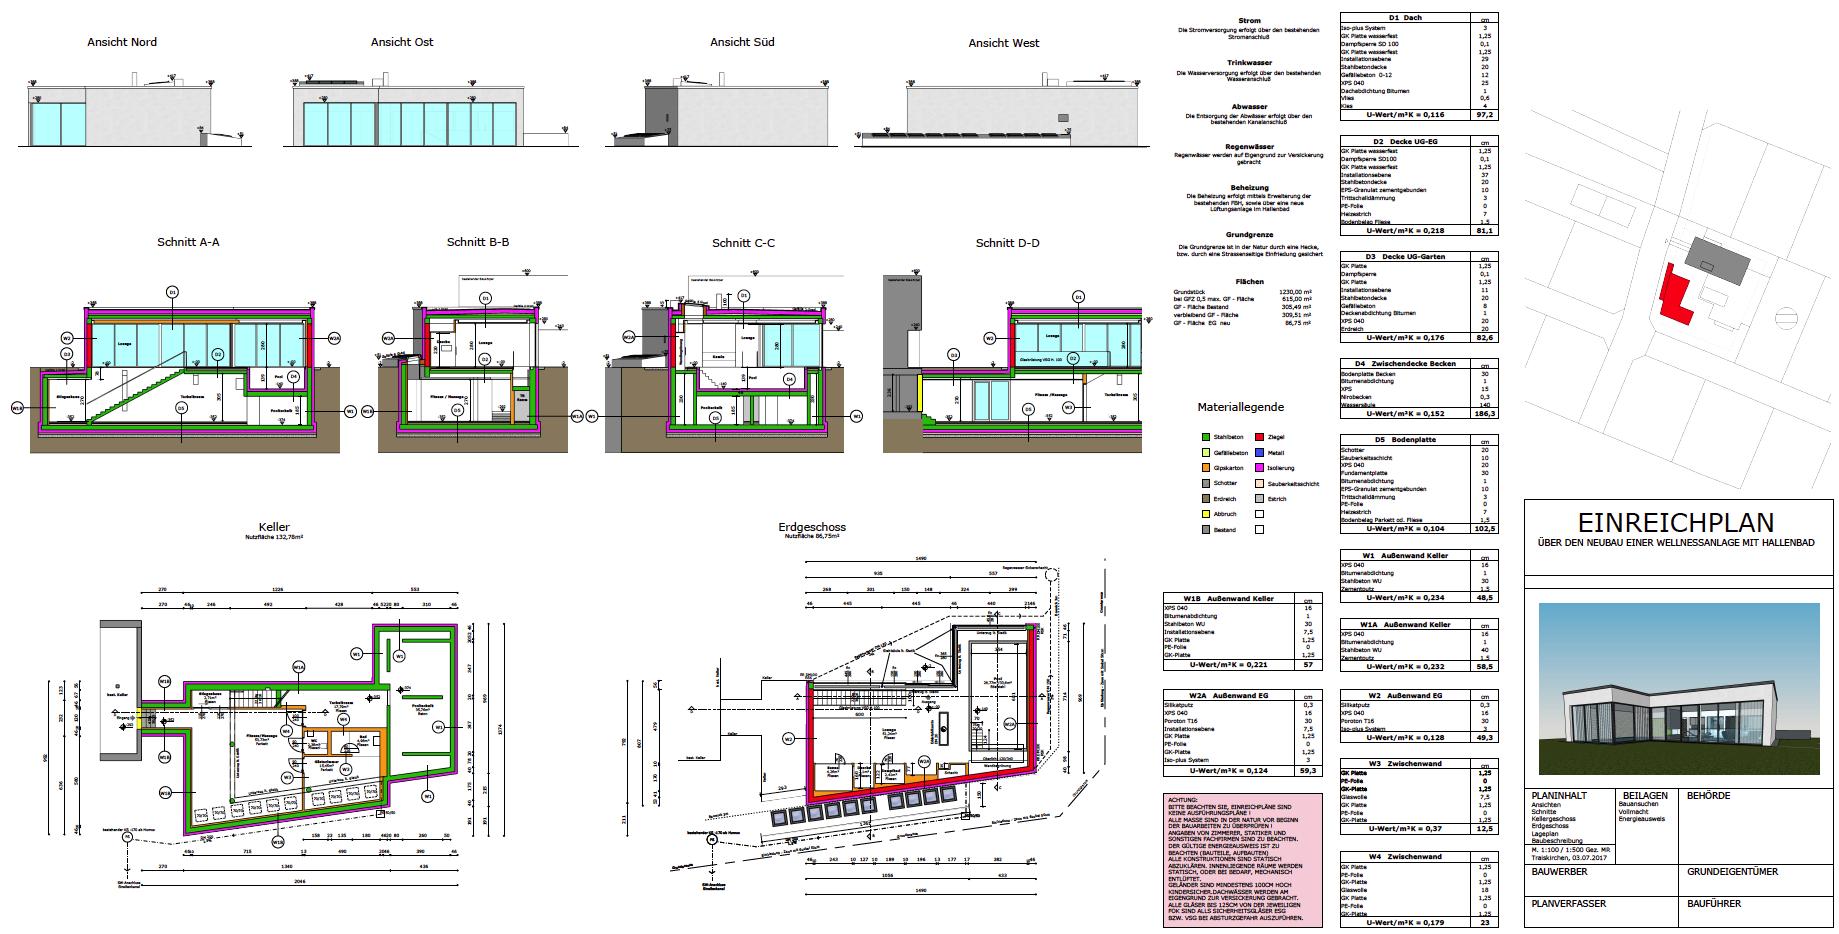 Wellnessgebäude Einreichplan